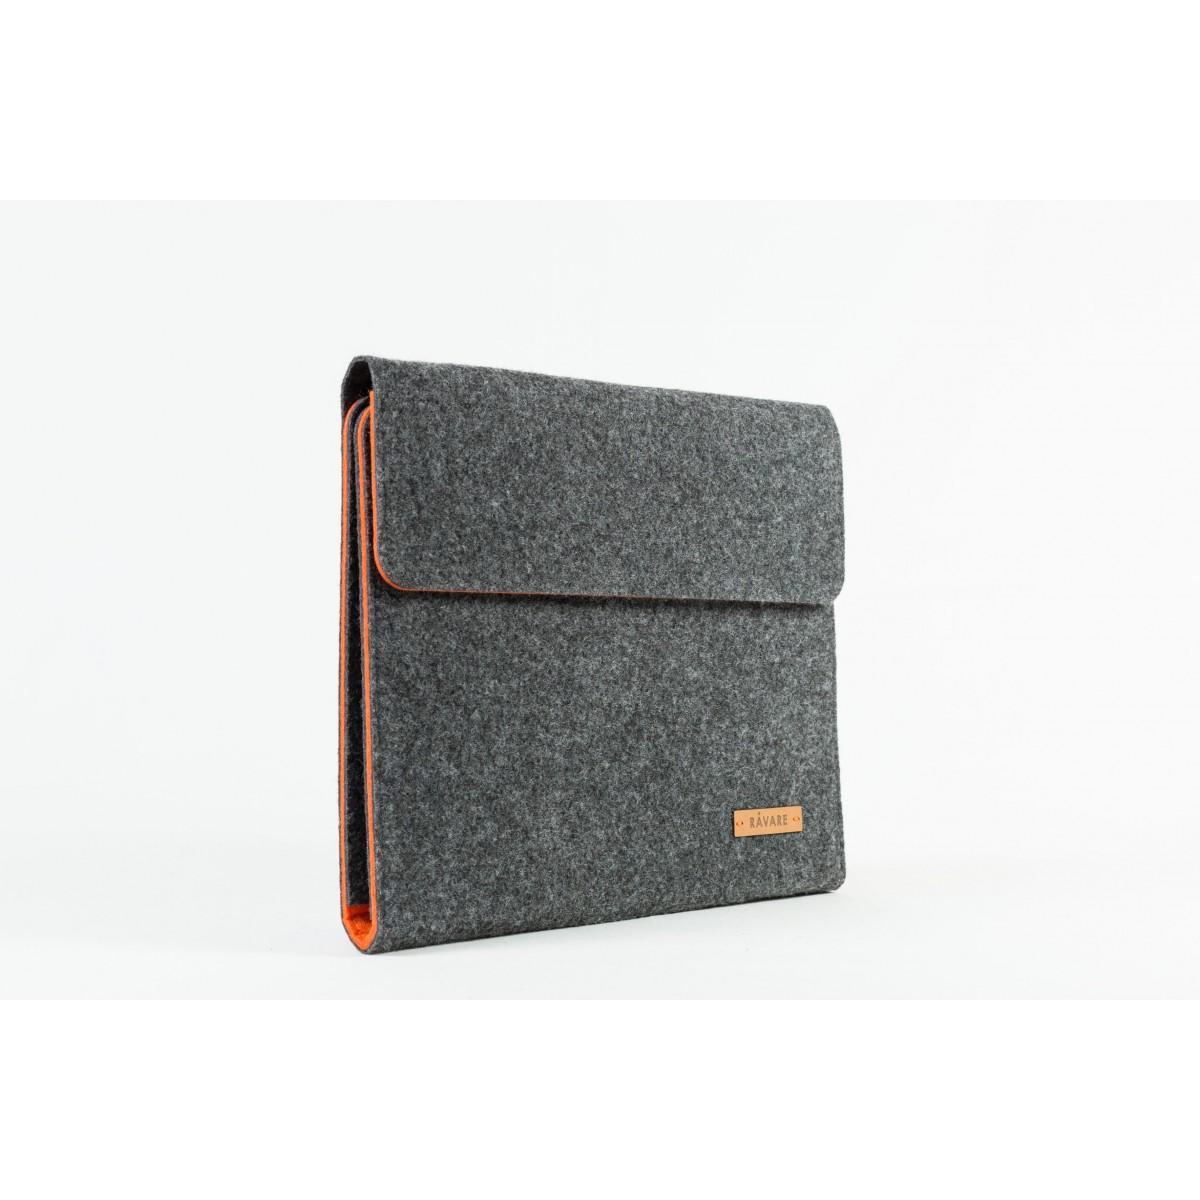 RÅVARE Tablet Organizer für große Tablets ≤12.9″ mit Schreibblock, iPad, Microsoft Surface, Samsung in grau-orange [KORA L]